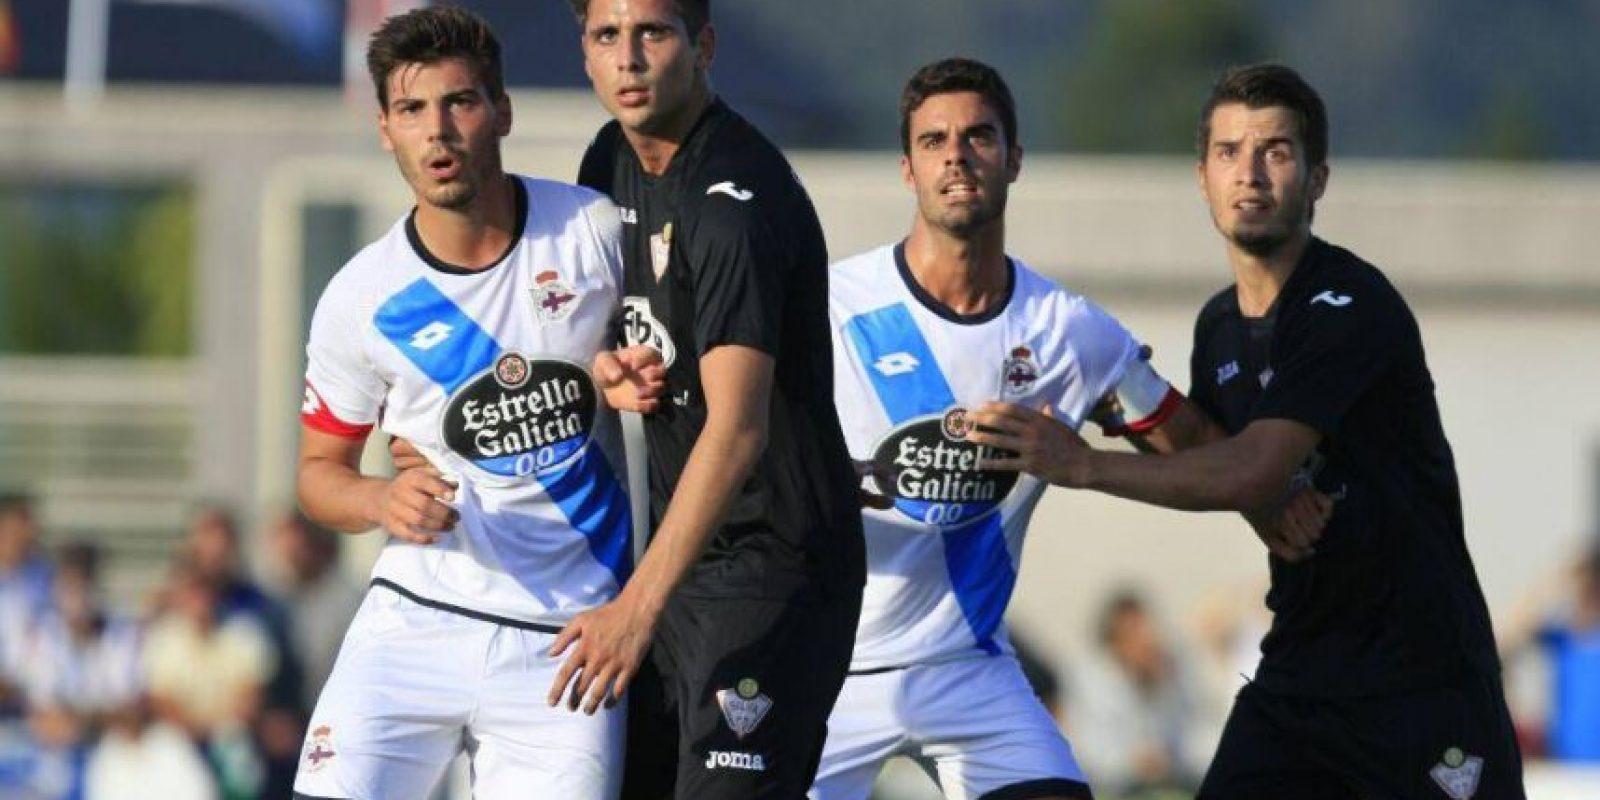 """En él, insultó al equipo gallego y por ello, el """"Depor"""" desistió de contratarlo. Foto:Vía facebook.com/RCDeportivo"""